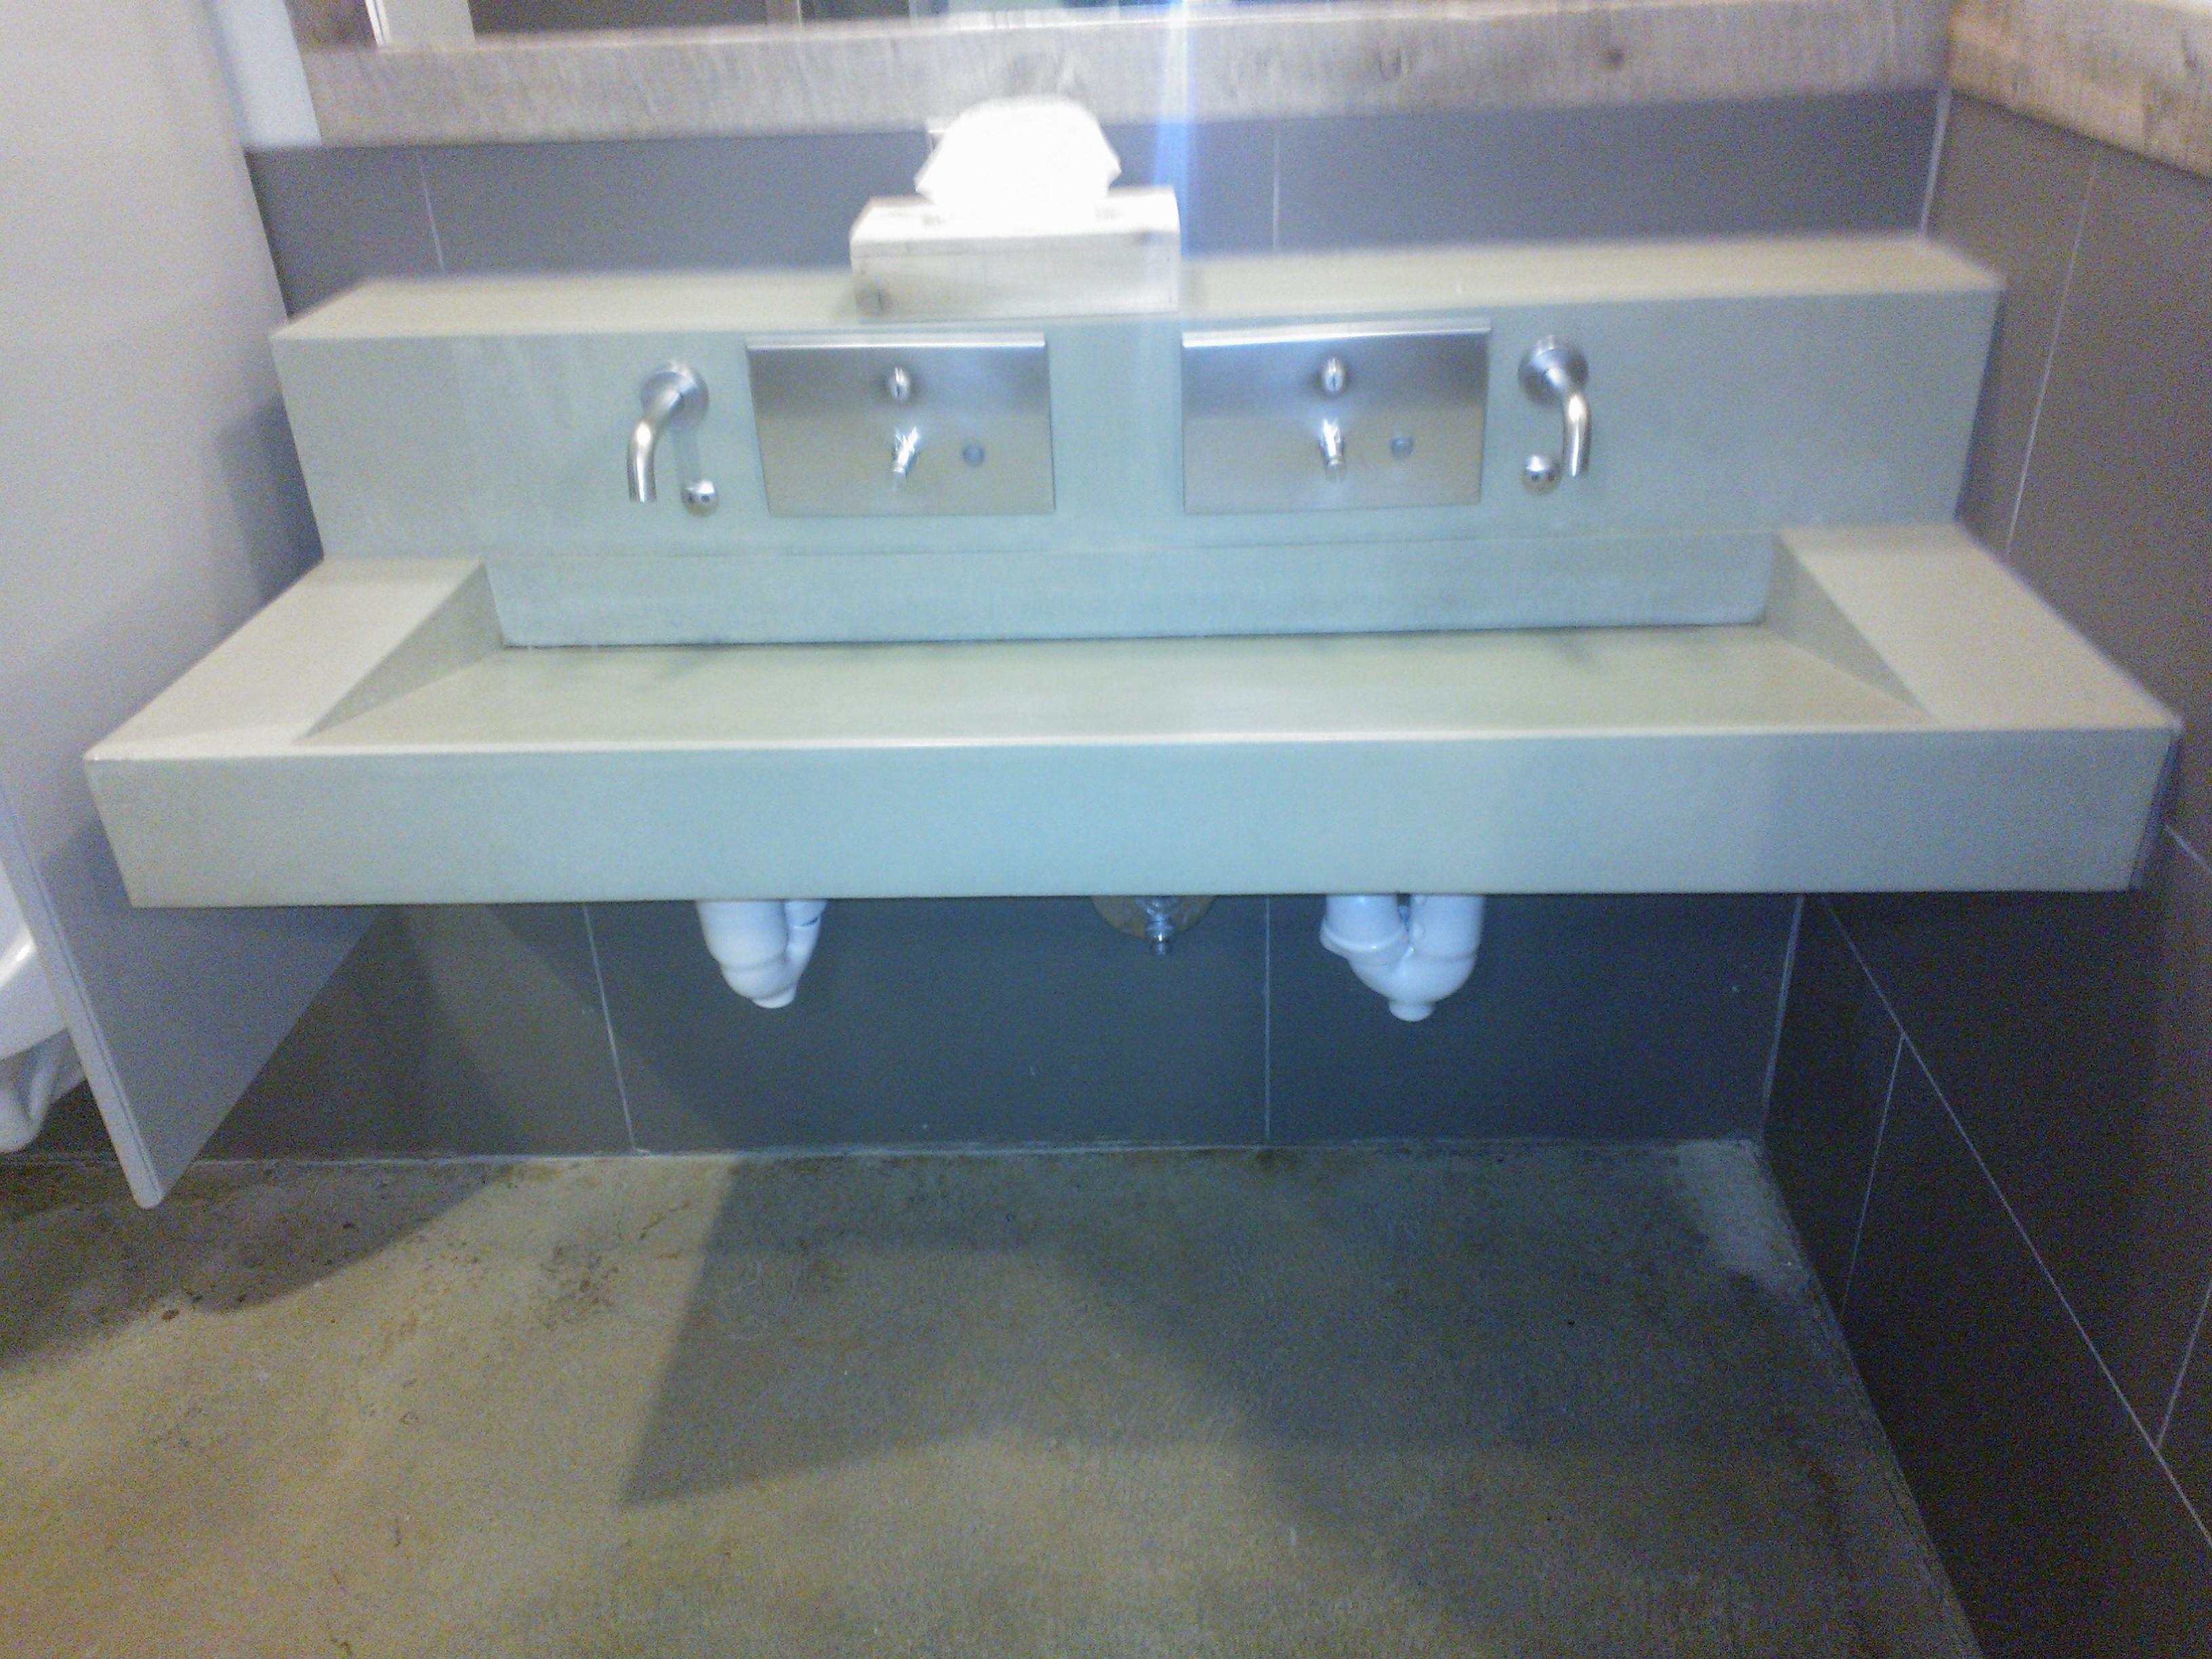 Ideas, kohler double faucet trough sink kohler double faucet trough sink bathroom charming double trough sink for best bathroom sink 3264 x 2448  .